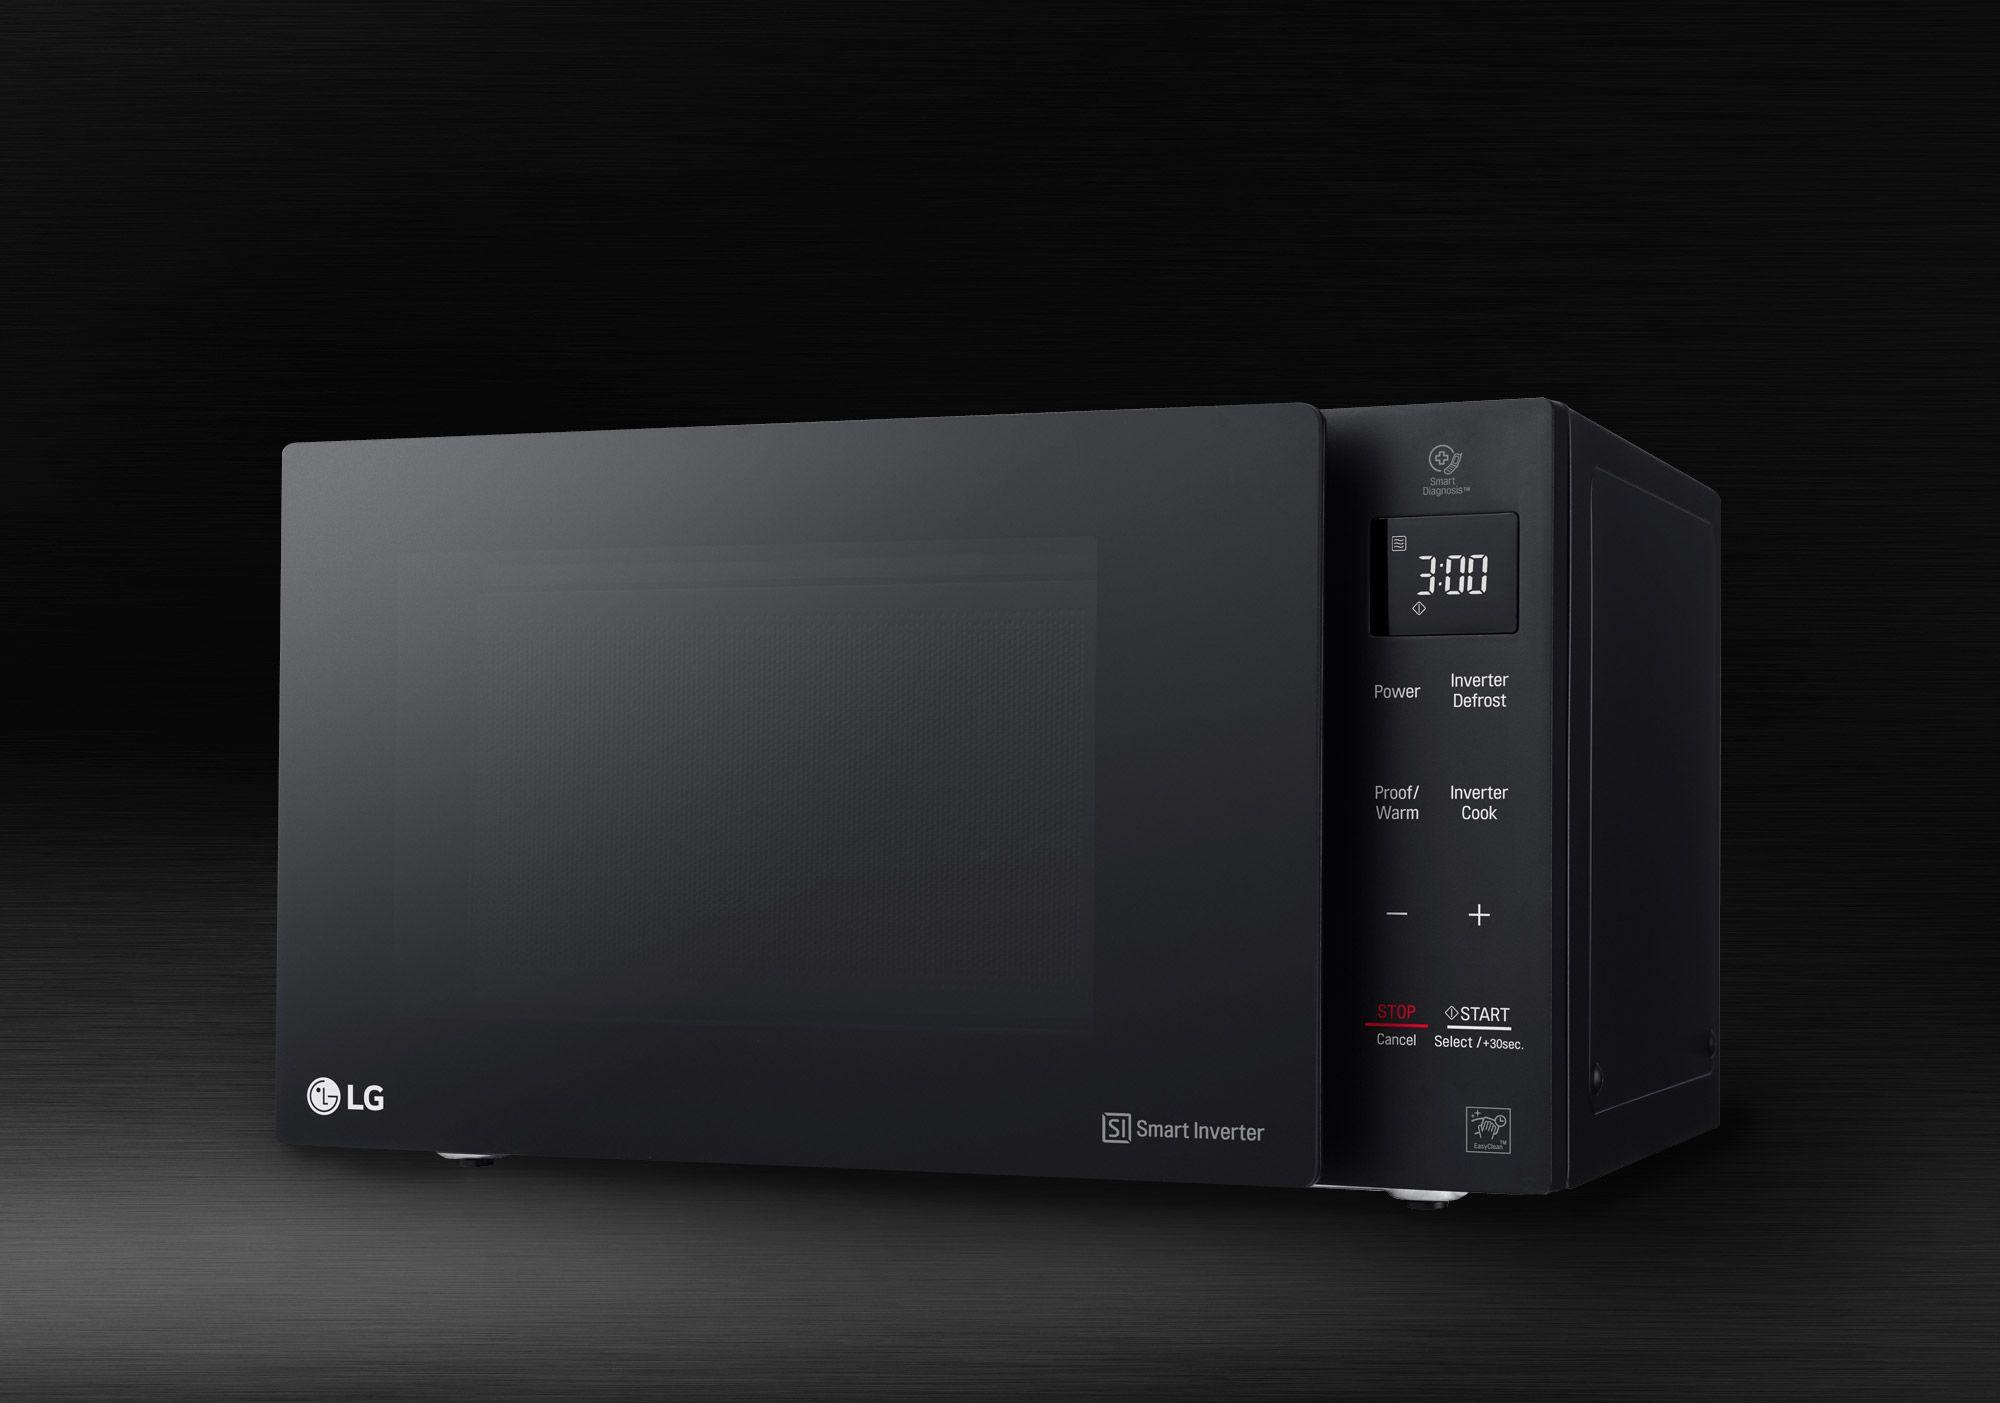 ميكروويف Lg تعرف على أشهر أجهزة الميكروويف من شركة Lg والاسعار Lg Microwave Kitchen Kitchen Appliances